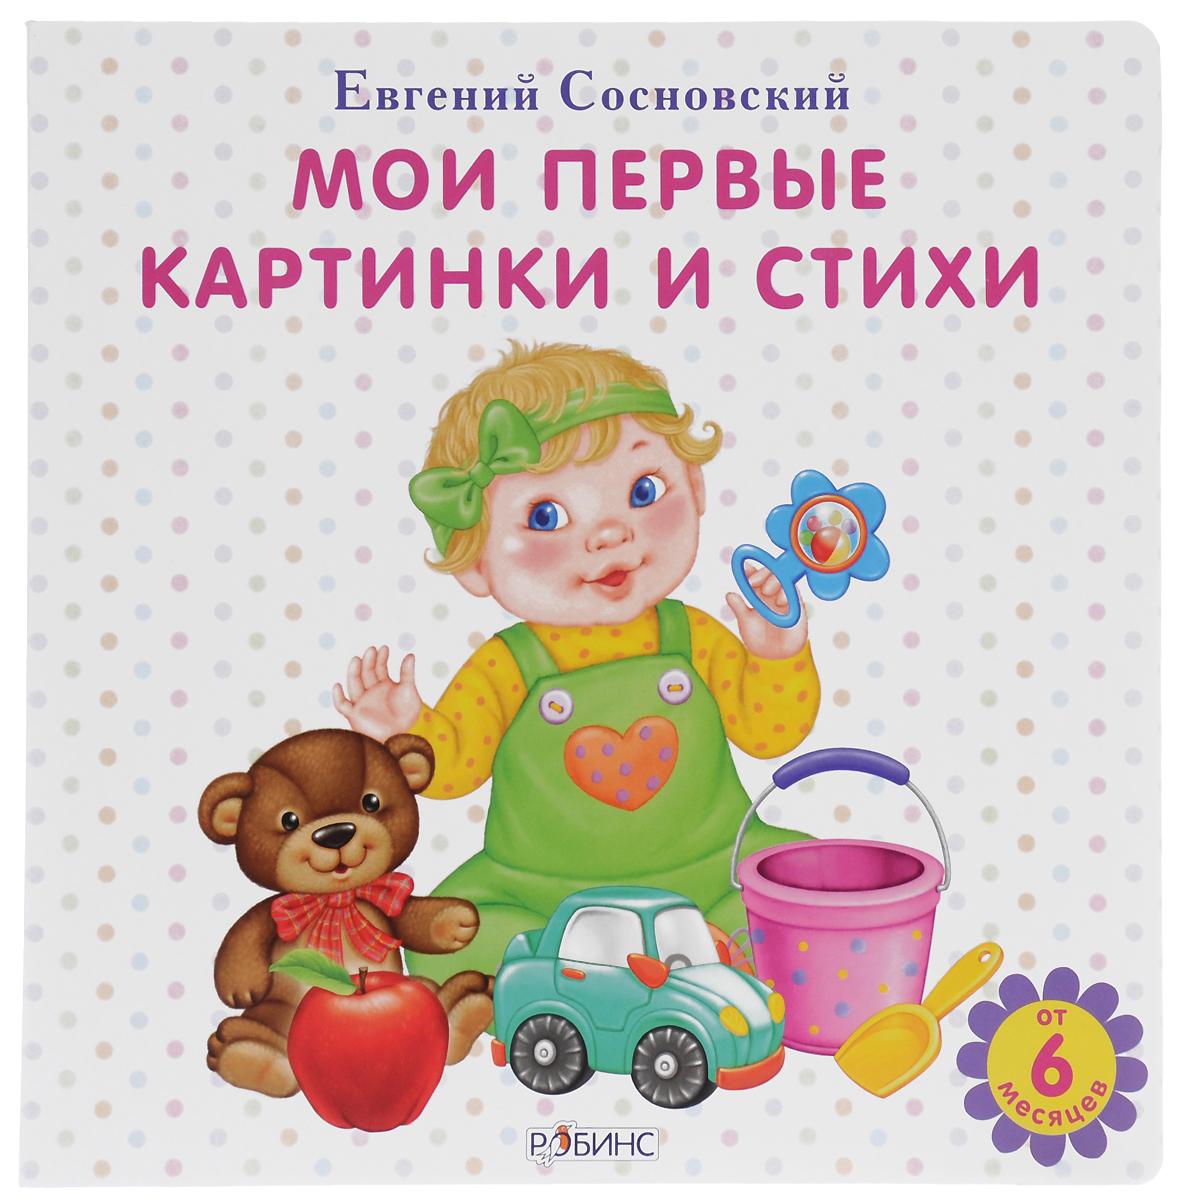 Мои первые картинки и стихи12296407Эта книга для самых маленьких. Она отвечает требованиям заботливых родителей, которые стремятся правильно развивать своего малыша. Книга подготовлена специалистами по раннему детскому развитию с учётом особенностей формирования зрительного аппарата у детей. Крупные и яркие картинки стимулируют развитие зрительного восприятия, а также внимания и пространственной ориентации. Специально подобранные стихи - весёлые и добрые, способствуют быстрому и правильному формированию звукопроизношения, значительному увеличению запаса слов и вызывают положительные эмоции, что особенно важно в раннем возрасте. В книге представлены стихи и картинки на основные темы, важные для развития ребёнка. Читая и разглядывая книгу вместе с малышом, вы заложите прекрасную базу для его дальнейшего обучения и развития, а также разовьёте у него хороший вкус! Книга предназначена для домашнего чтения, а также для использования в детских дошкольных учреждениях.